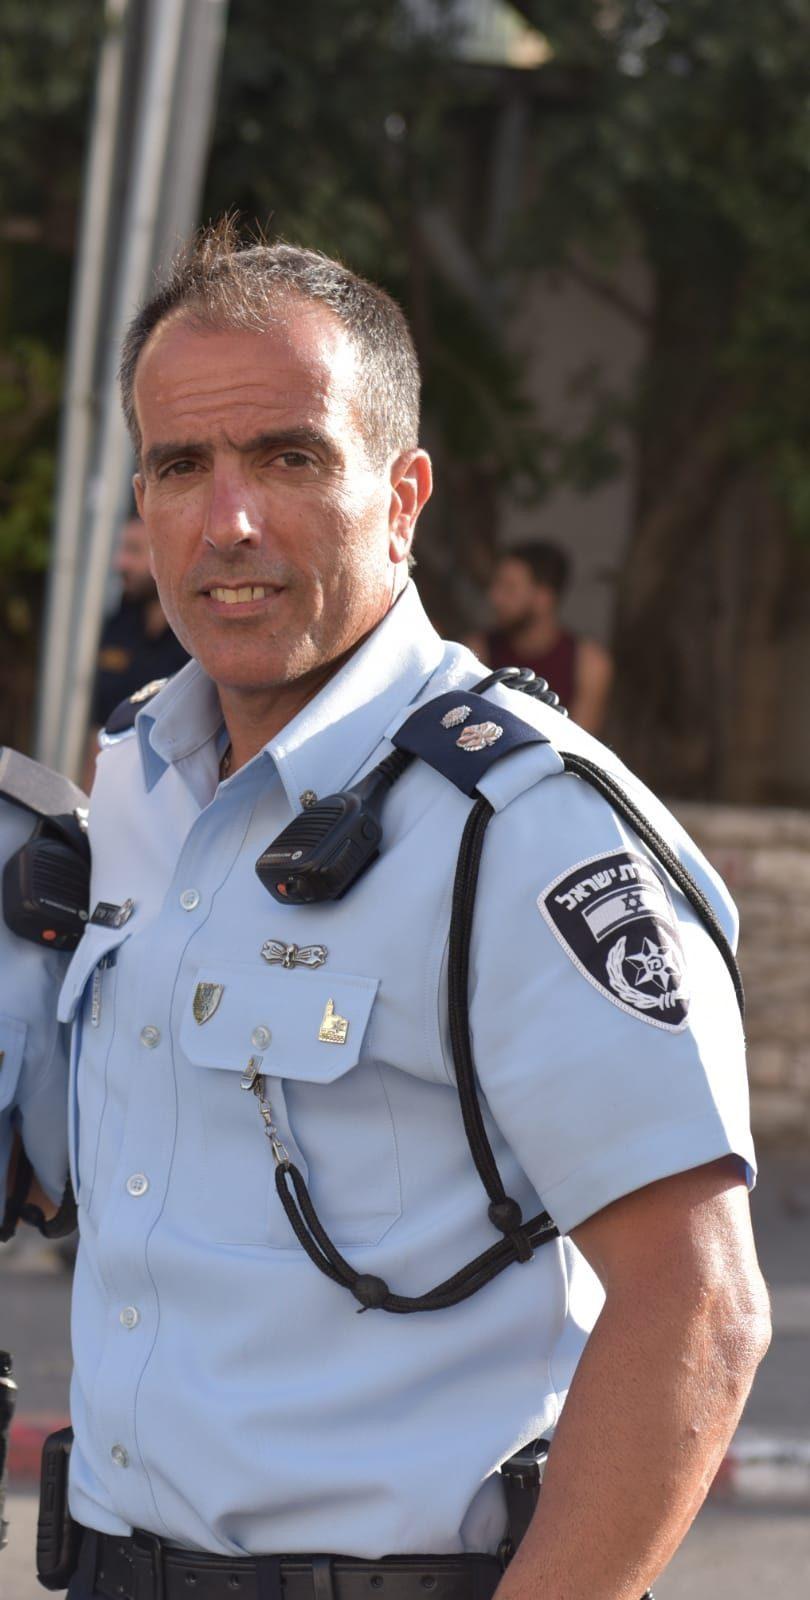 סגן ניצב יניב מויאל, מפקד תחנת שפט (צילום: דוברות המשטרה)